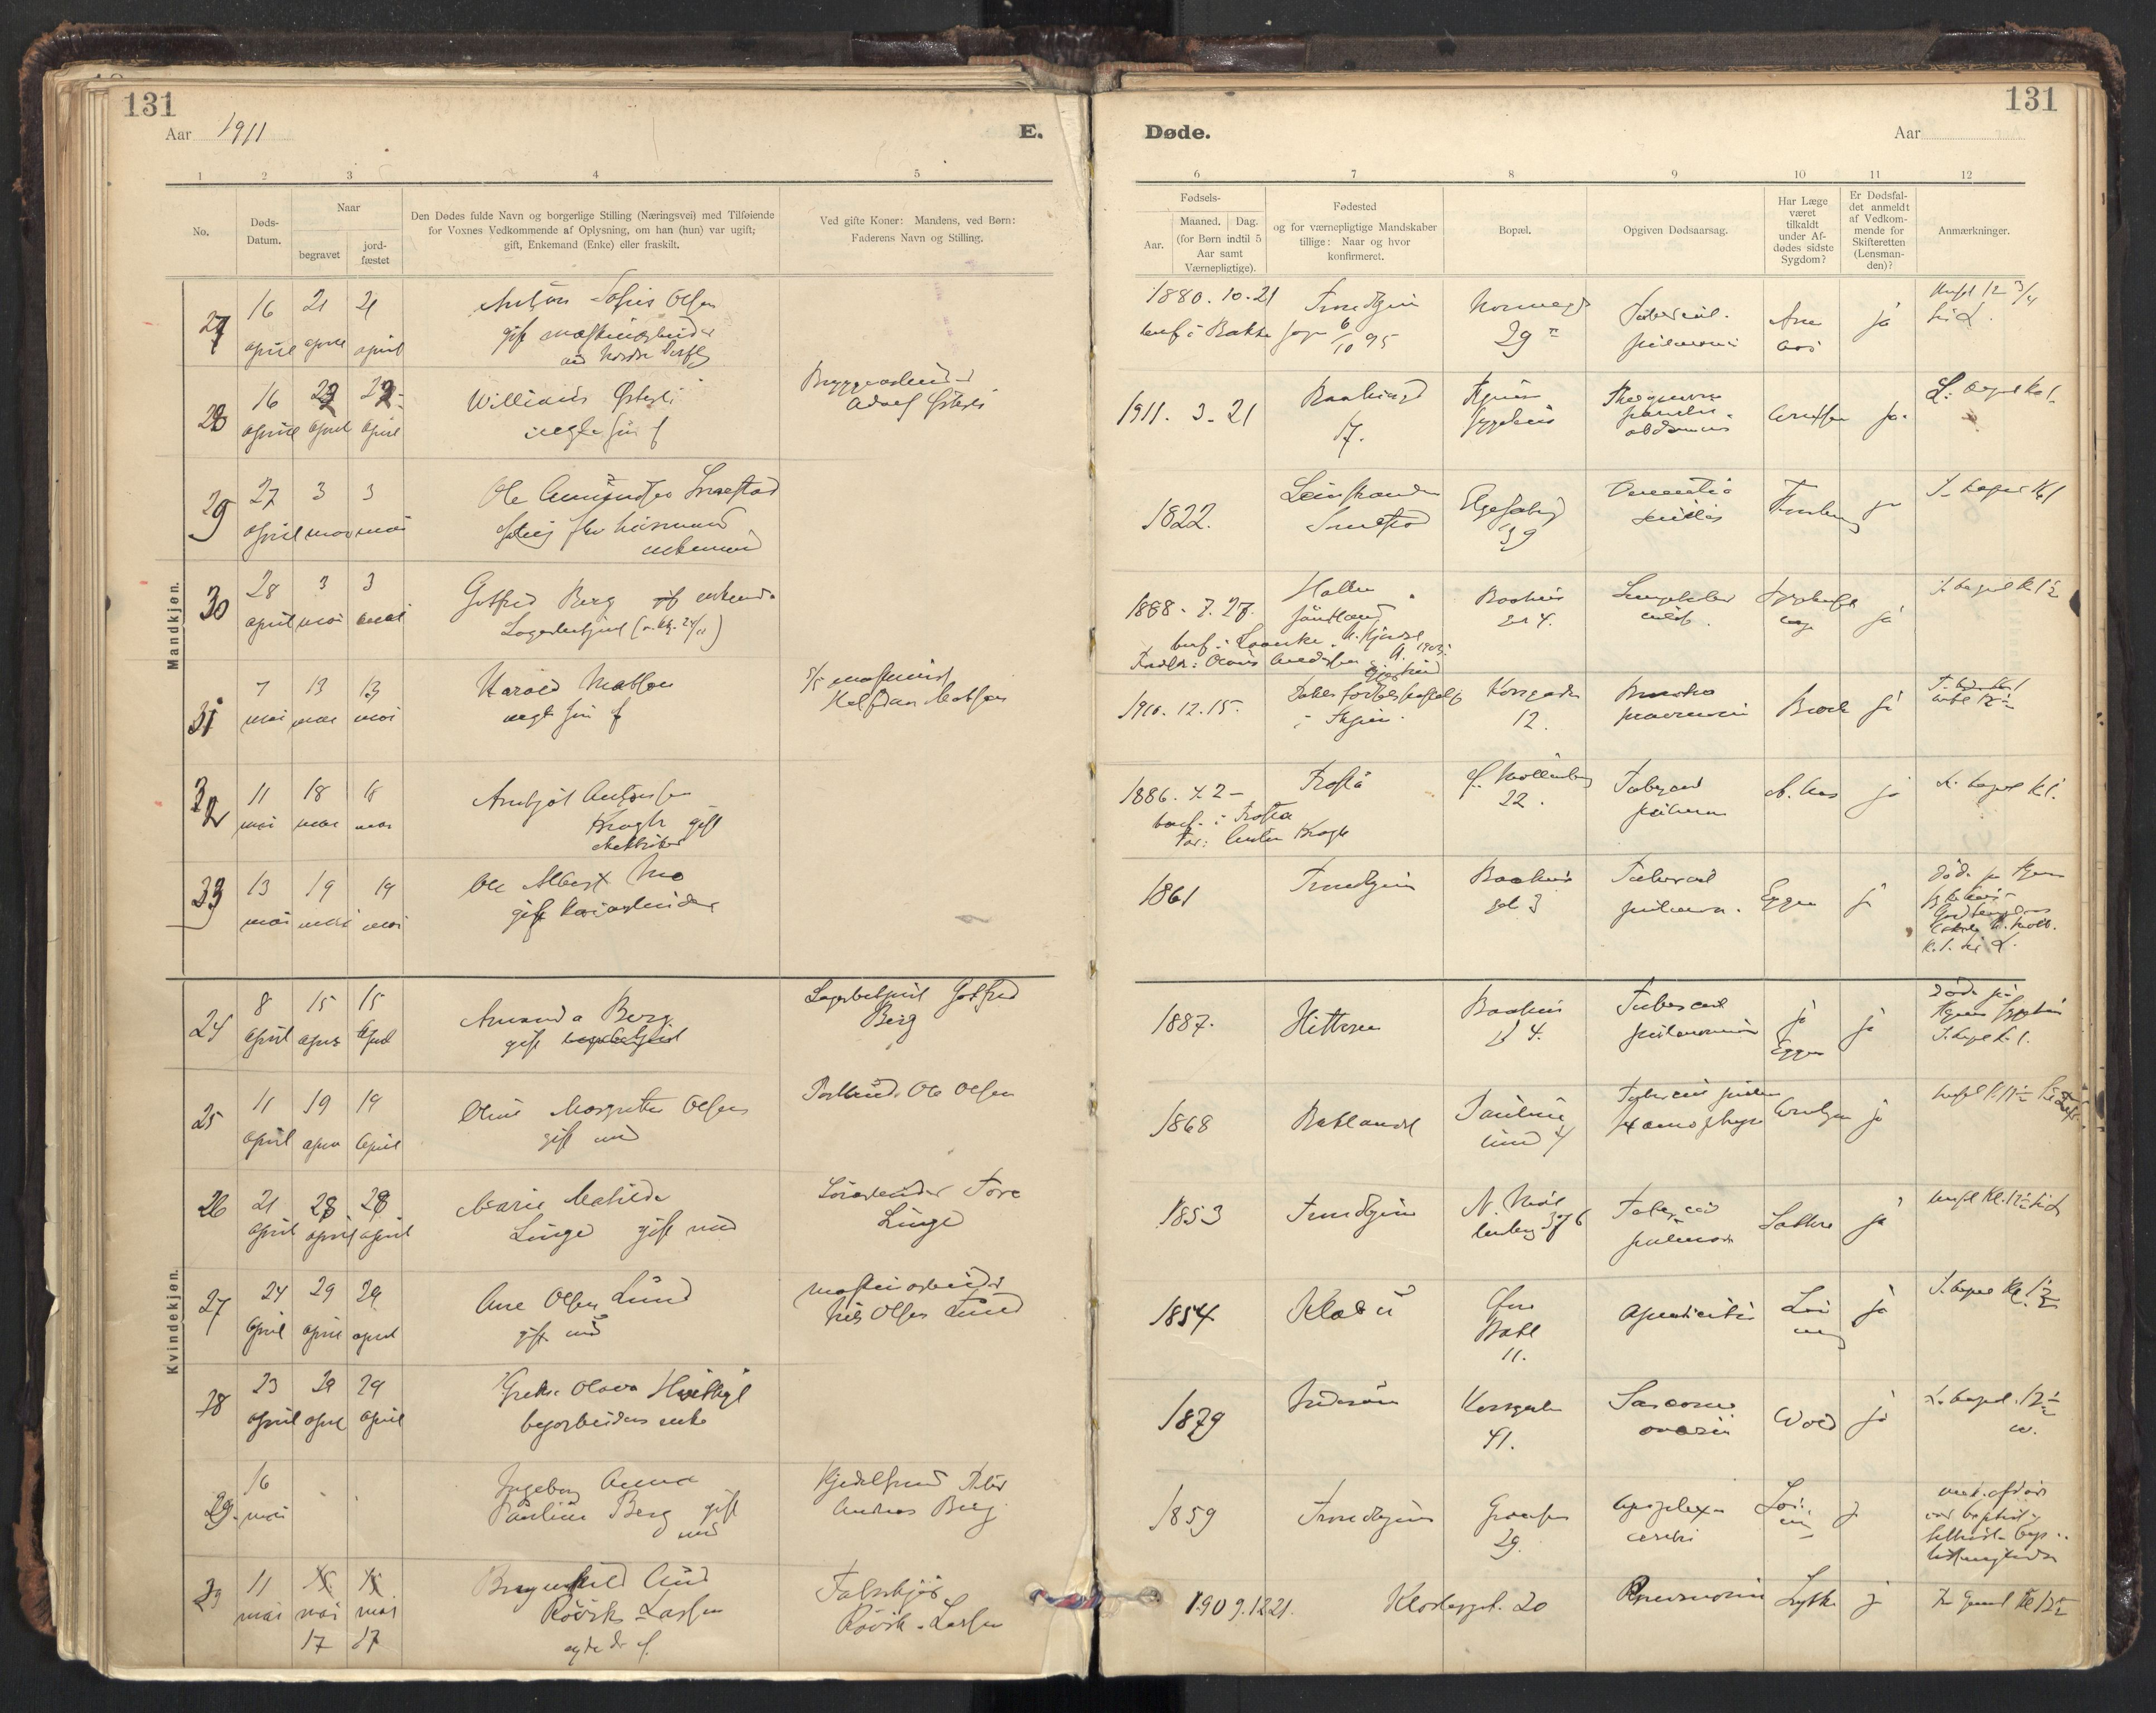 SAT, Ministerialprotokoller, klokkerbøker og fødselsregistre - Sør-Trøndelag, 604/L0204: Ministerialbok nr. 604A24, 1911-1920, s. 131